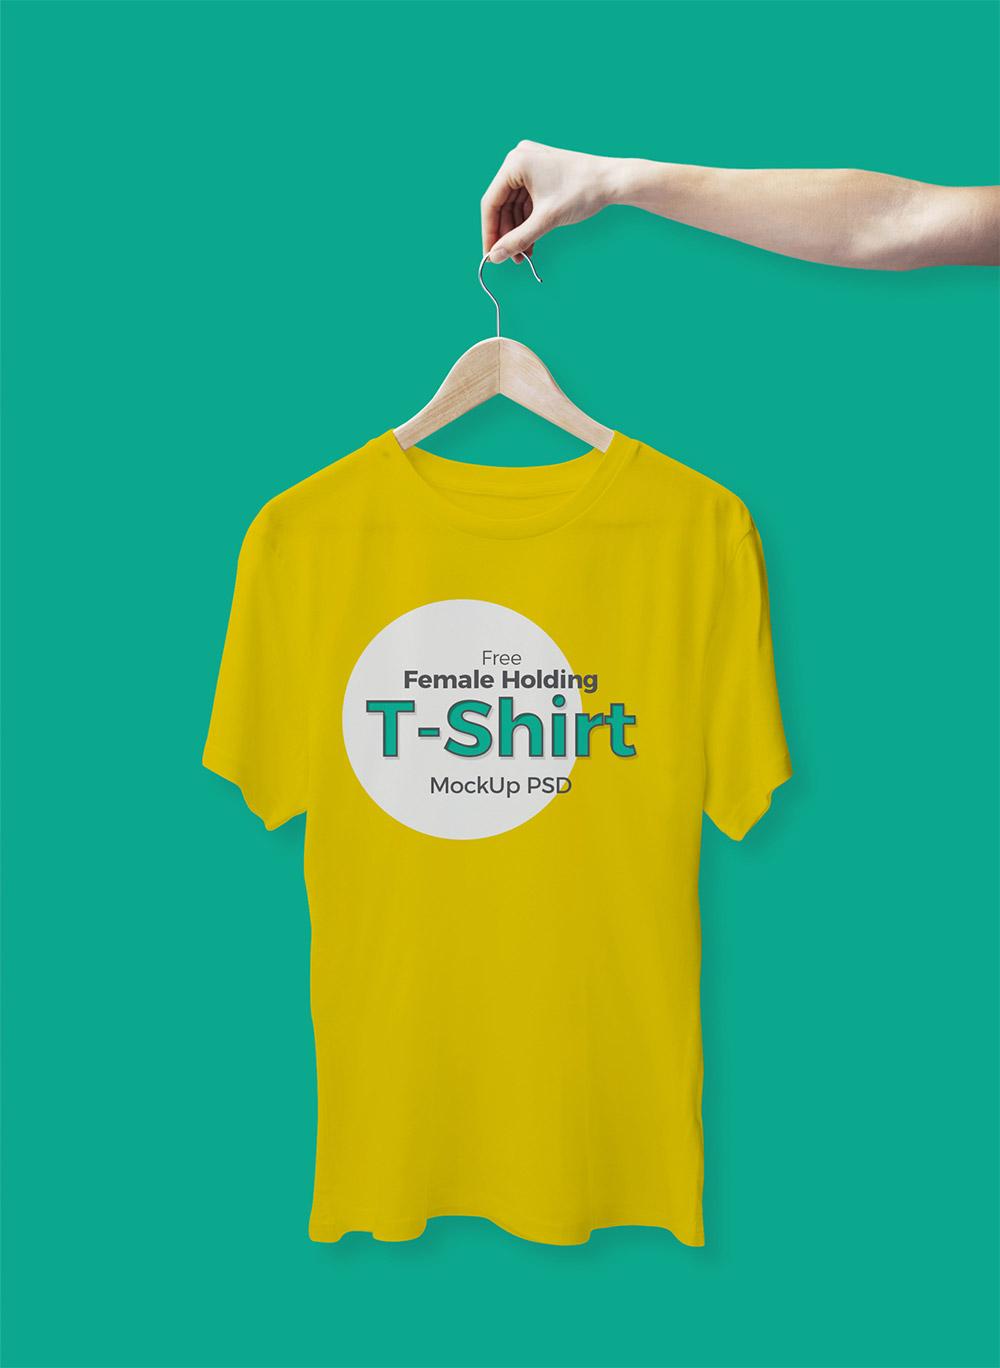 Free Female Holding T-Shirt Mockup